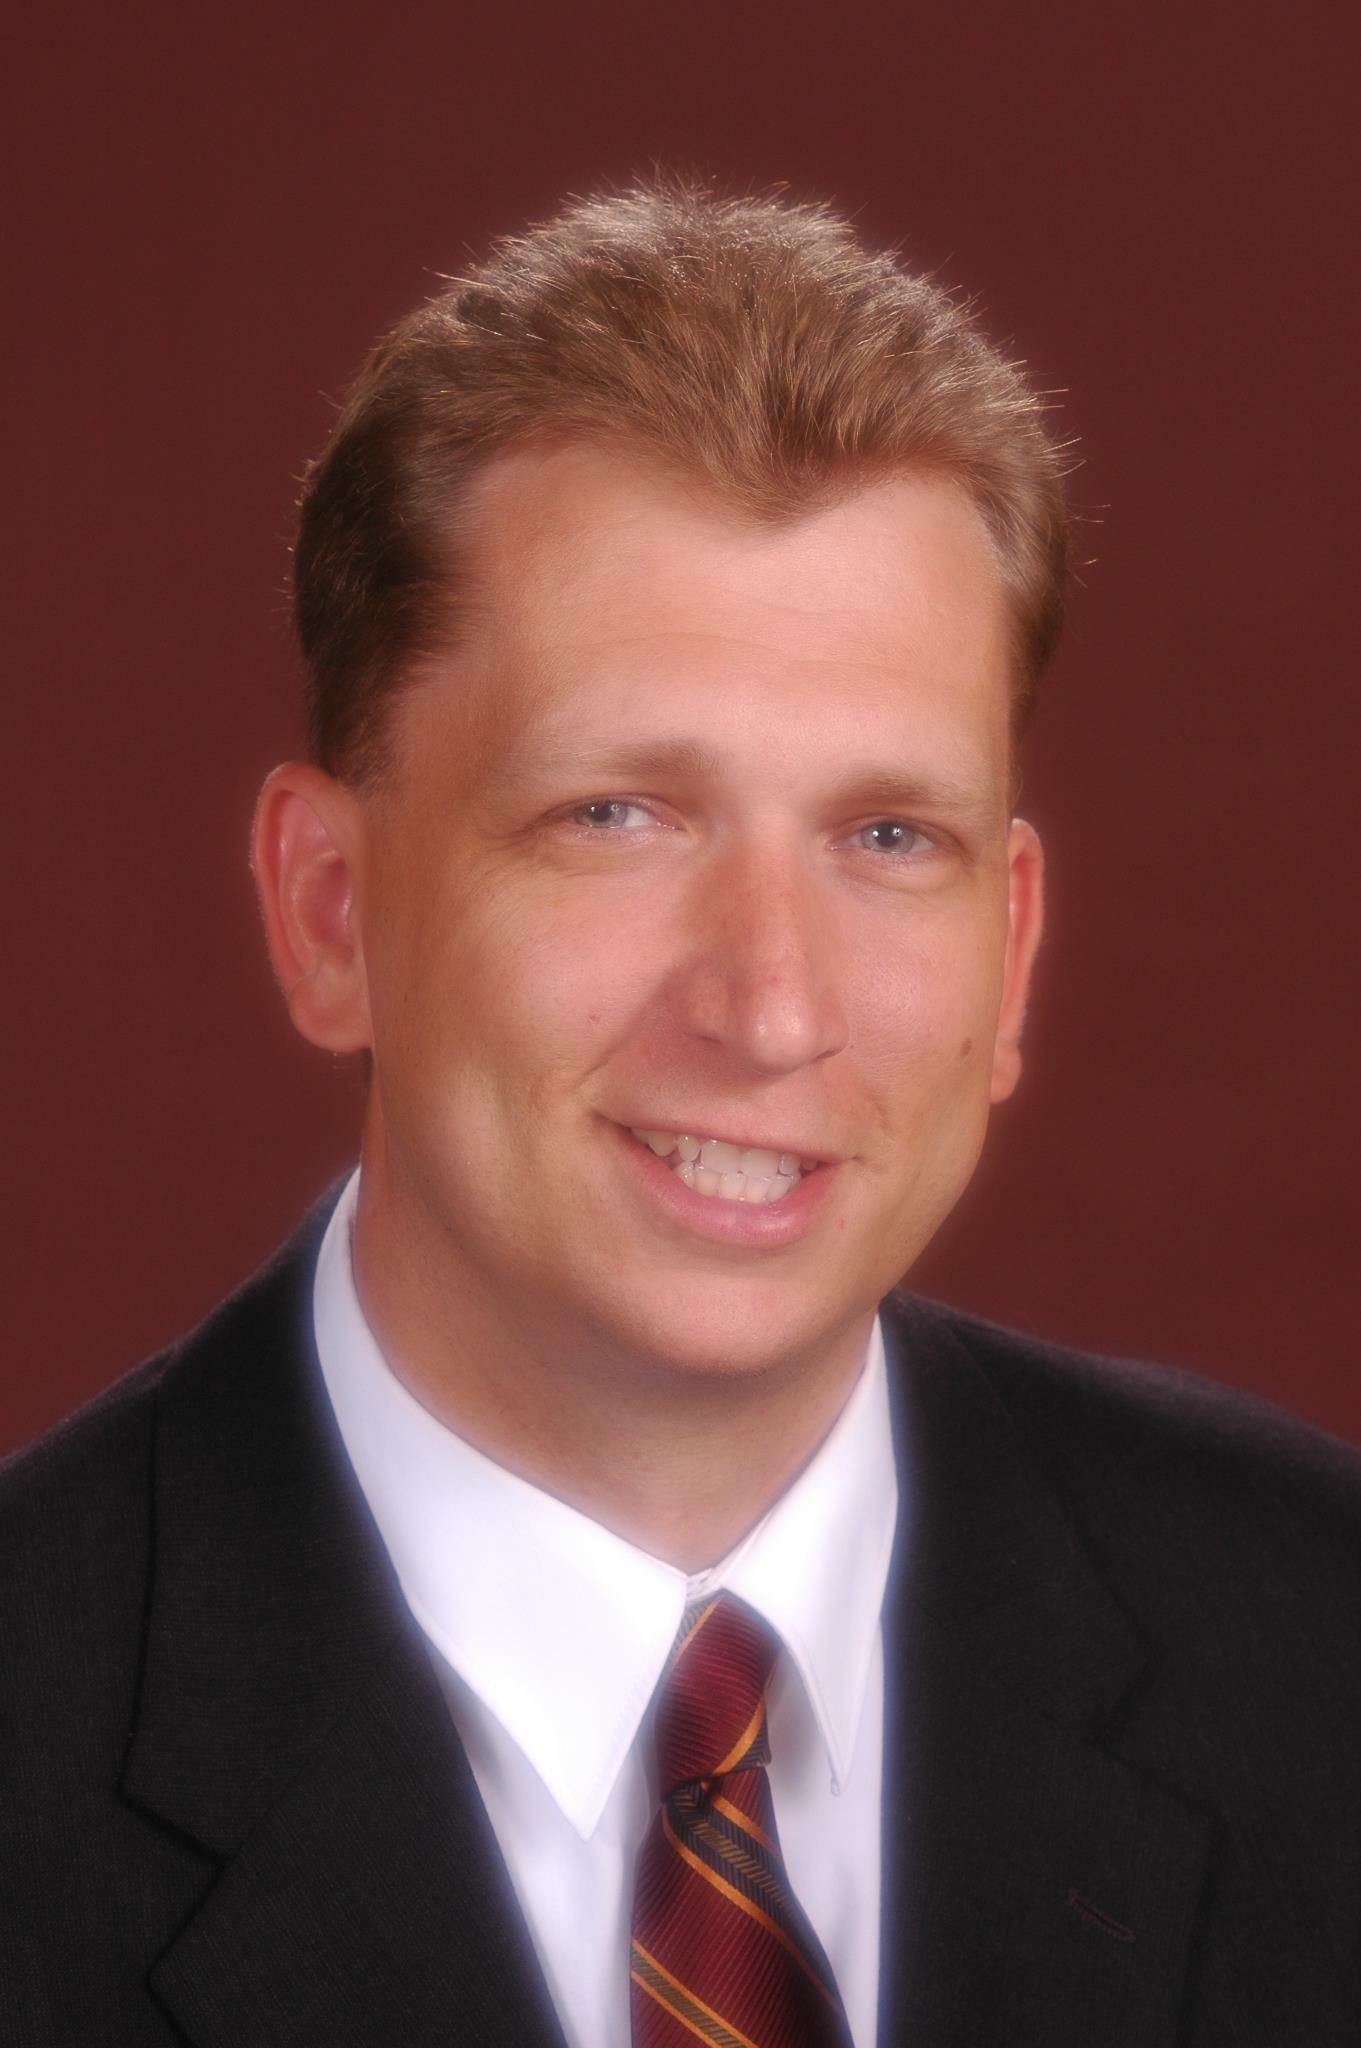 Dr. Paul Bussey